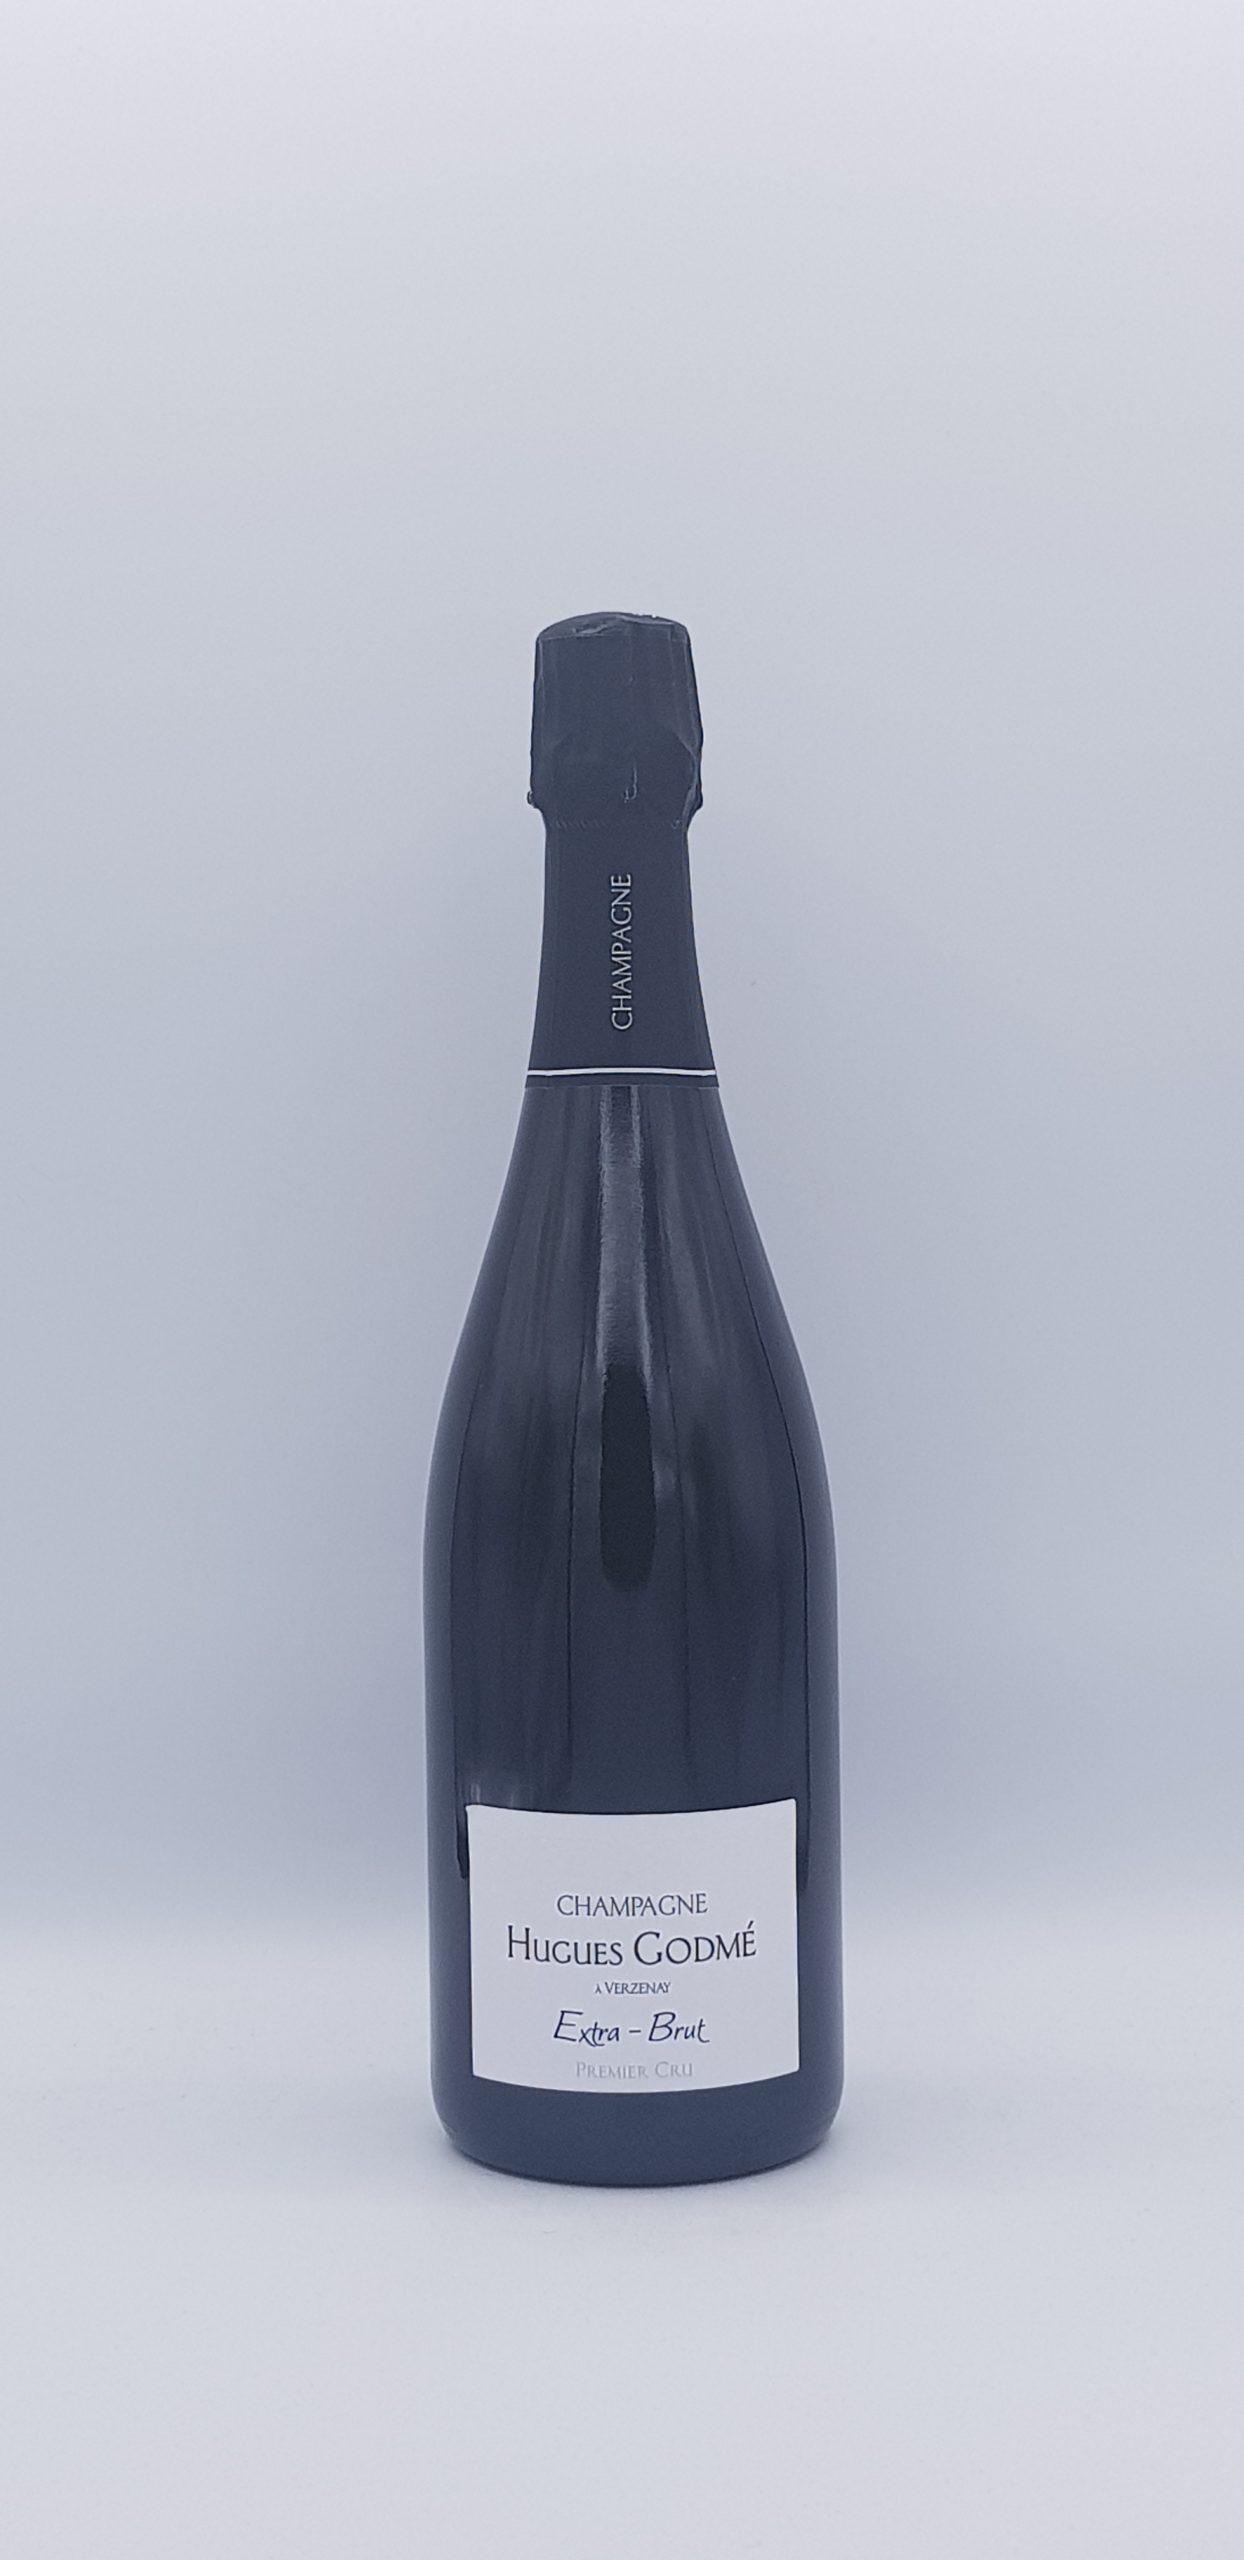 Champagne 1er Cru Extra Brut